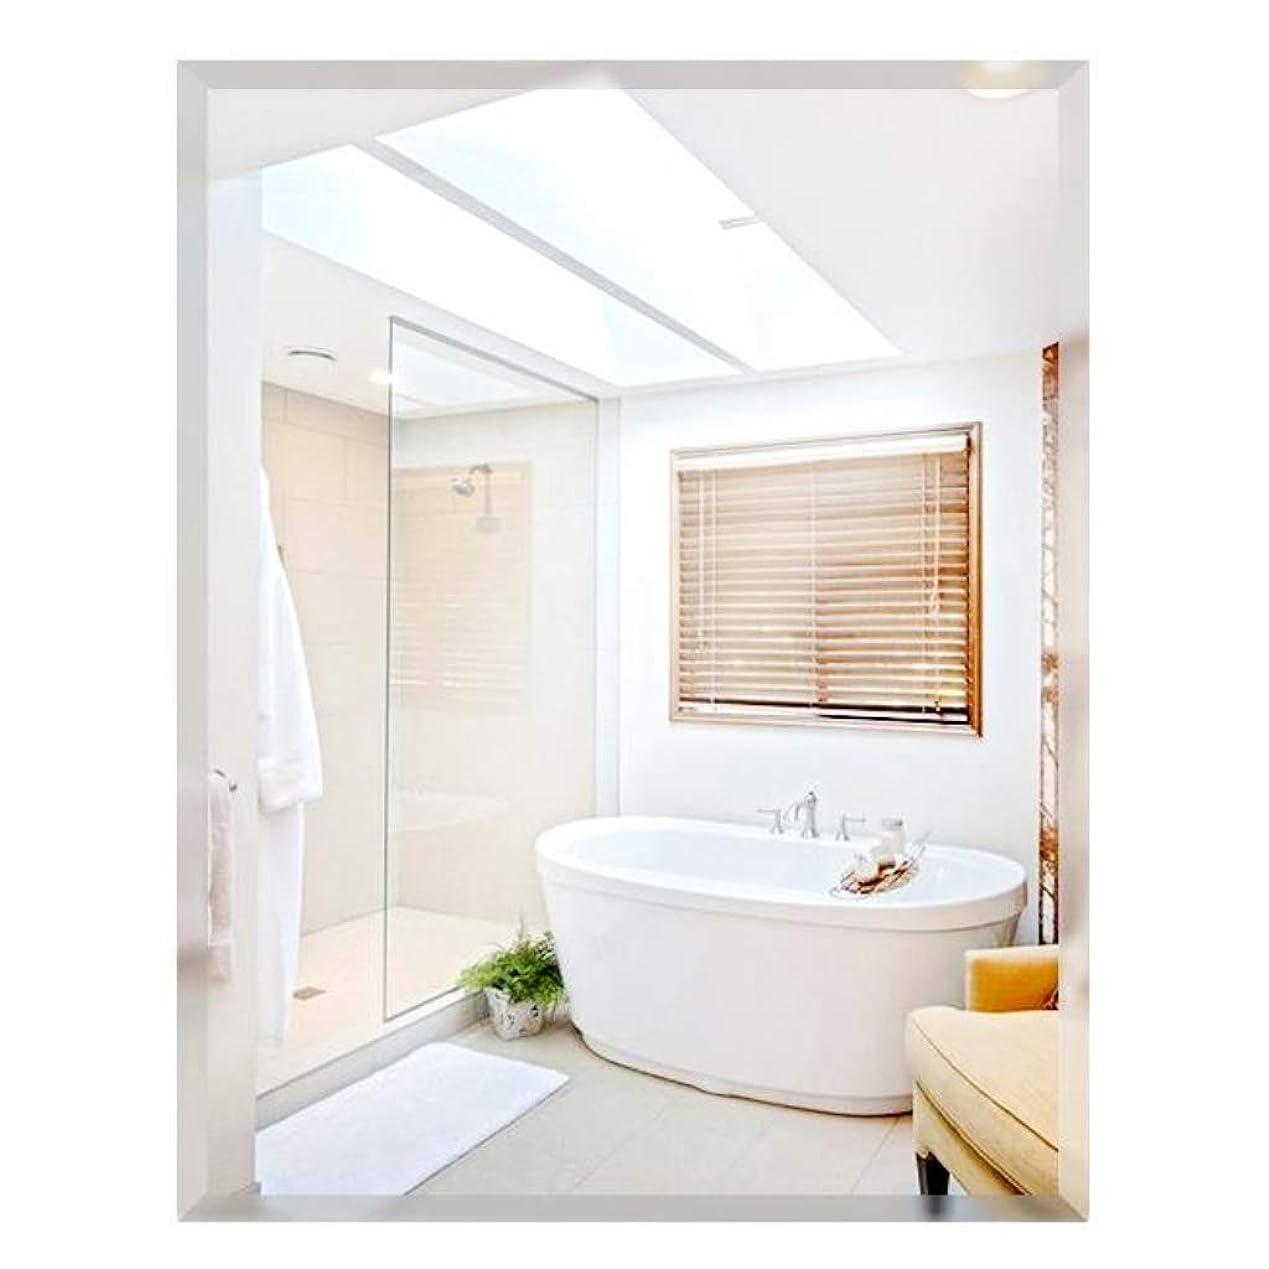 吸収剤開いた懸念現代的な銀製の居間の寝室の虚栄心ミラーの家の剃る廊下の壁ミラーの長方形はフレームレス設計35x45cm、40x60cm、50x70cm、60x80cmを斜めにしました